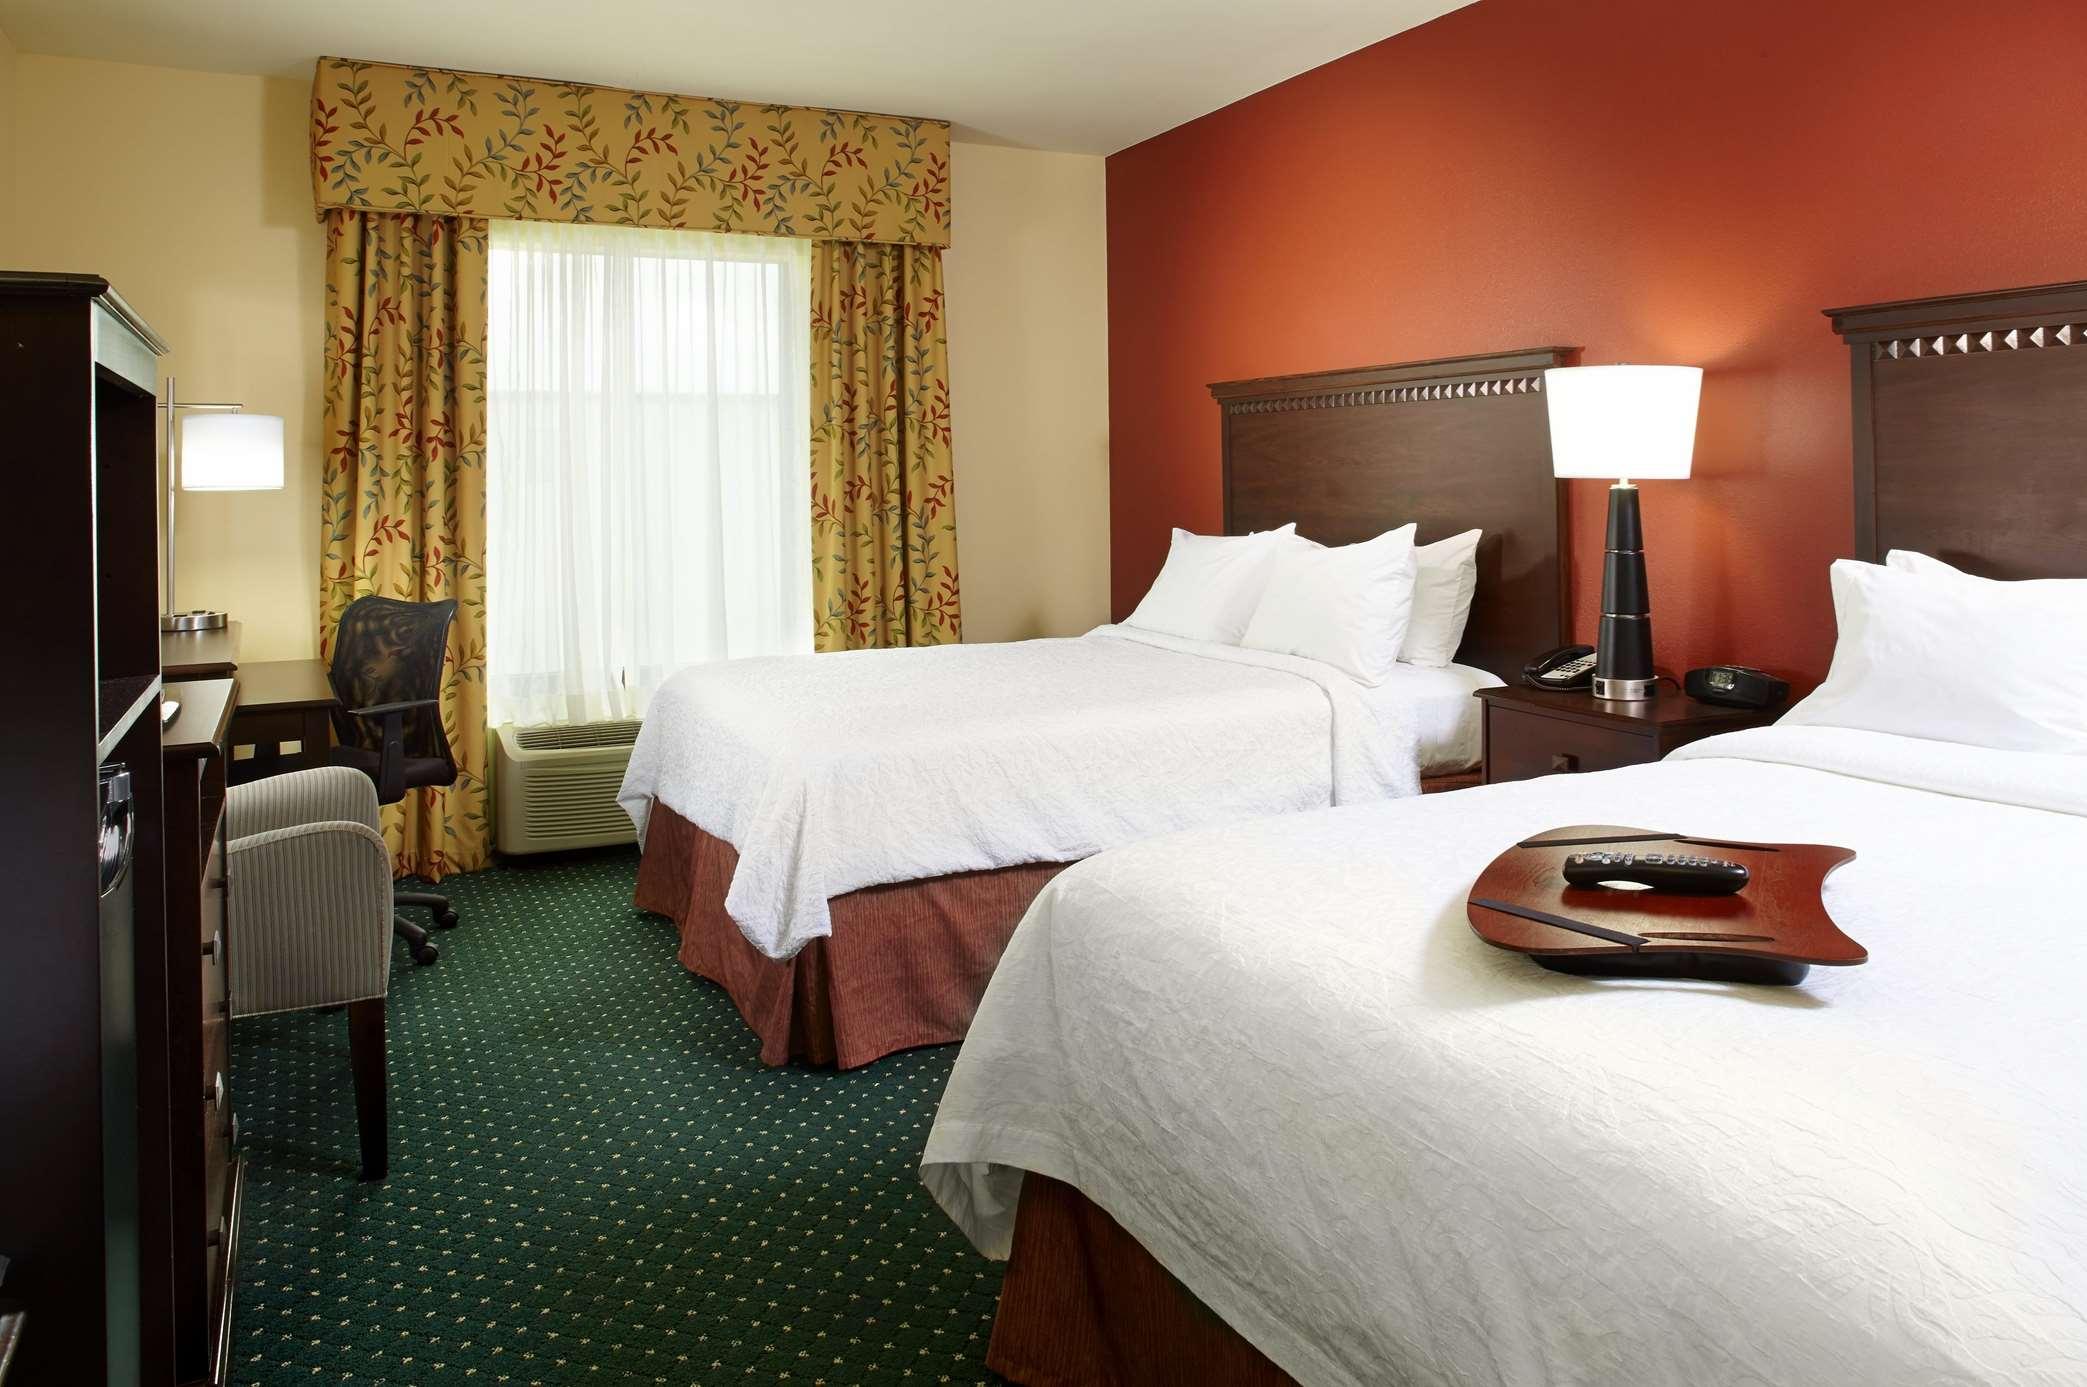 Hampton Inn & Suites Clearwater/St. Petersburg-Ulmerton Road, FL image 19